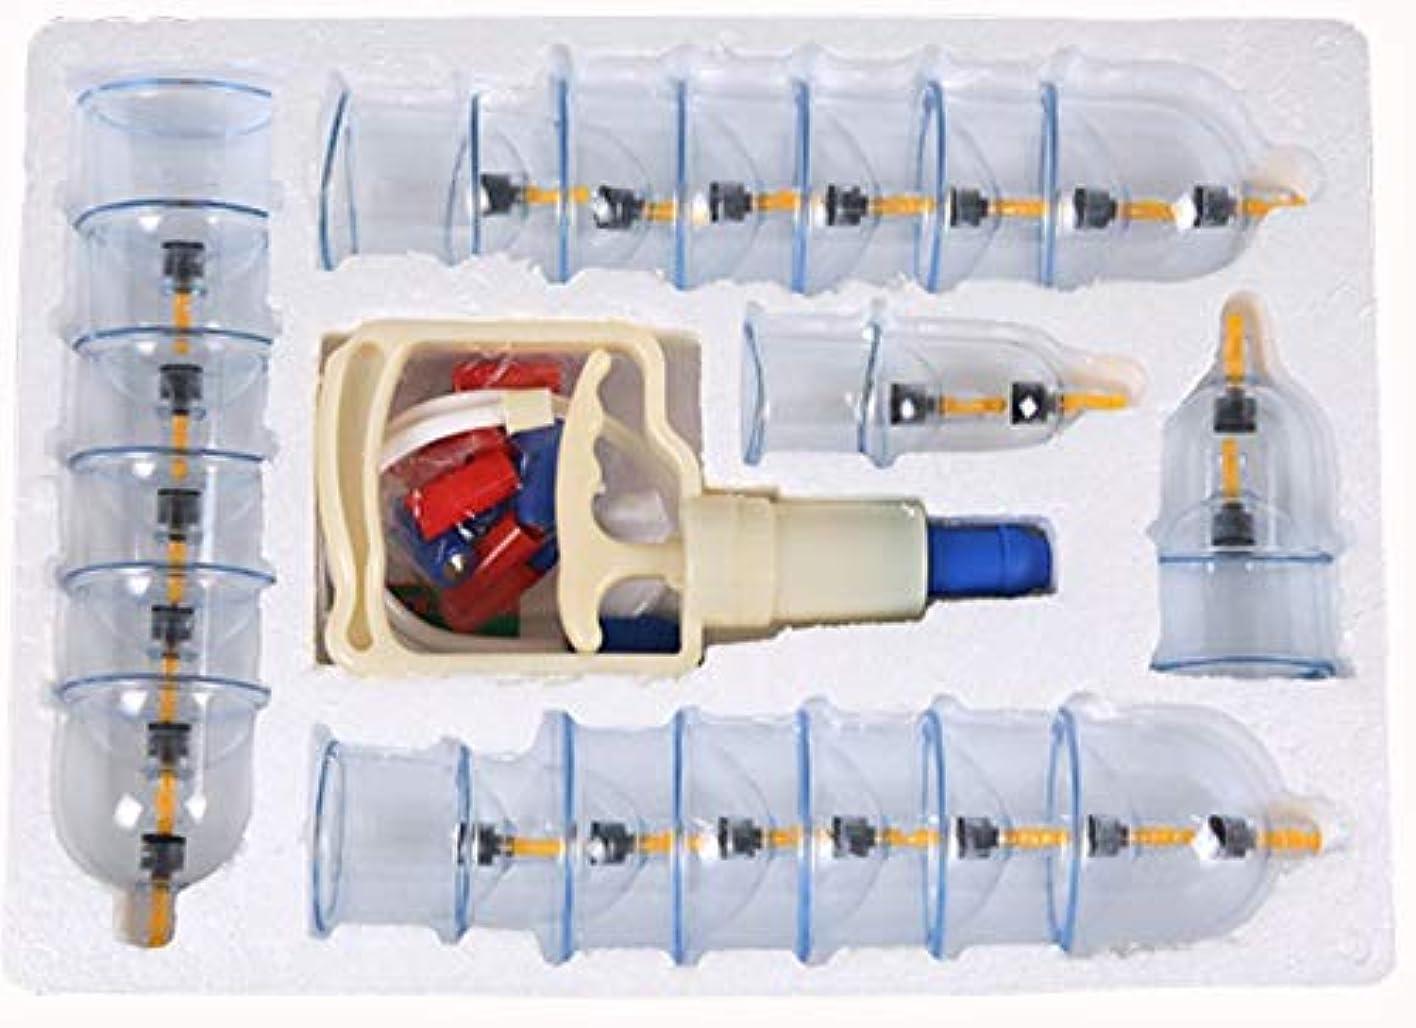 穴くしゃくしゃ教授(ラフマトーン) カッピング 吸い玉 大きいカップが多い 吸い玉 5種 24個セット 磁針 12個 関節用カップ付 脂肪吸引 自宅エステ